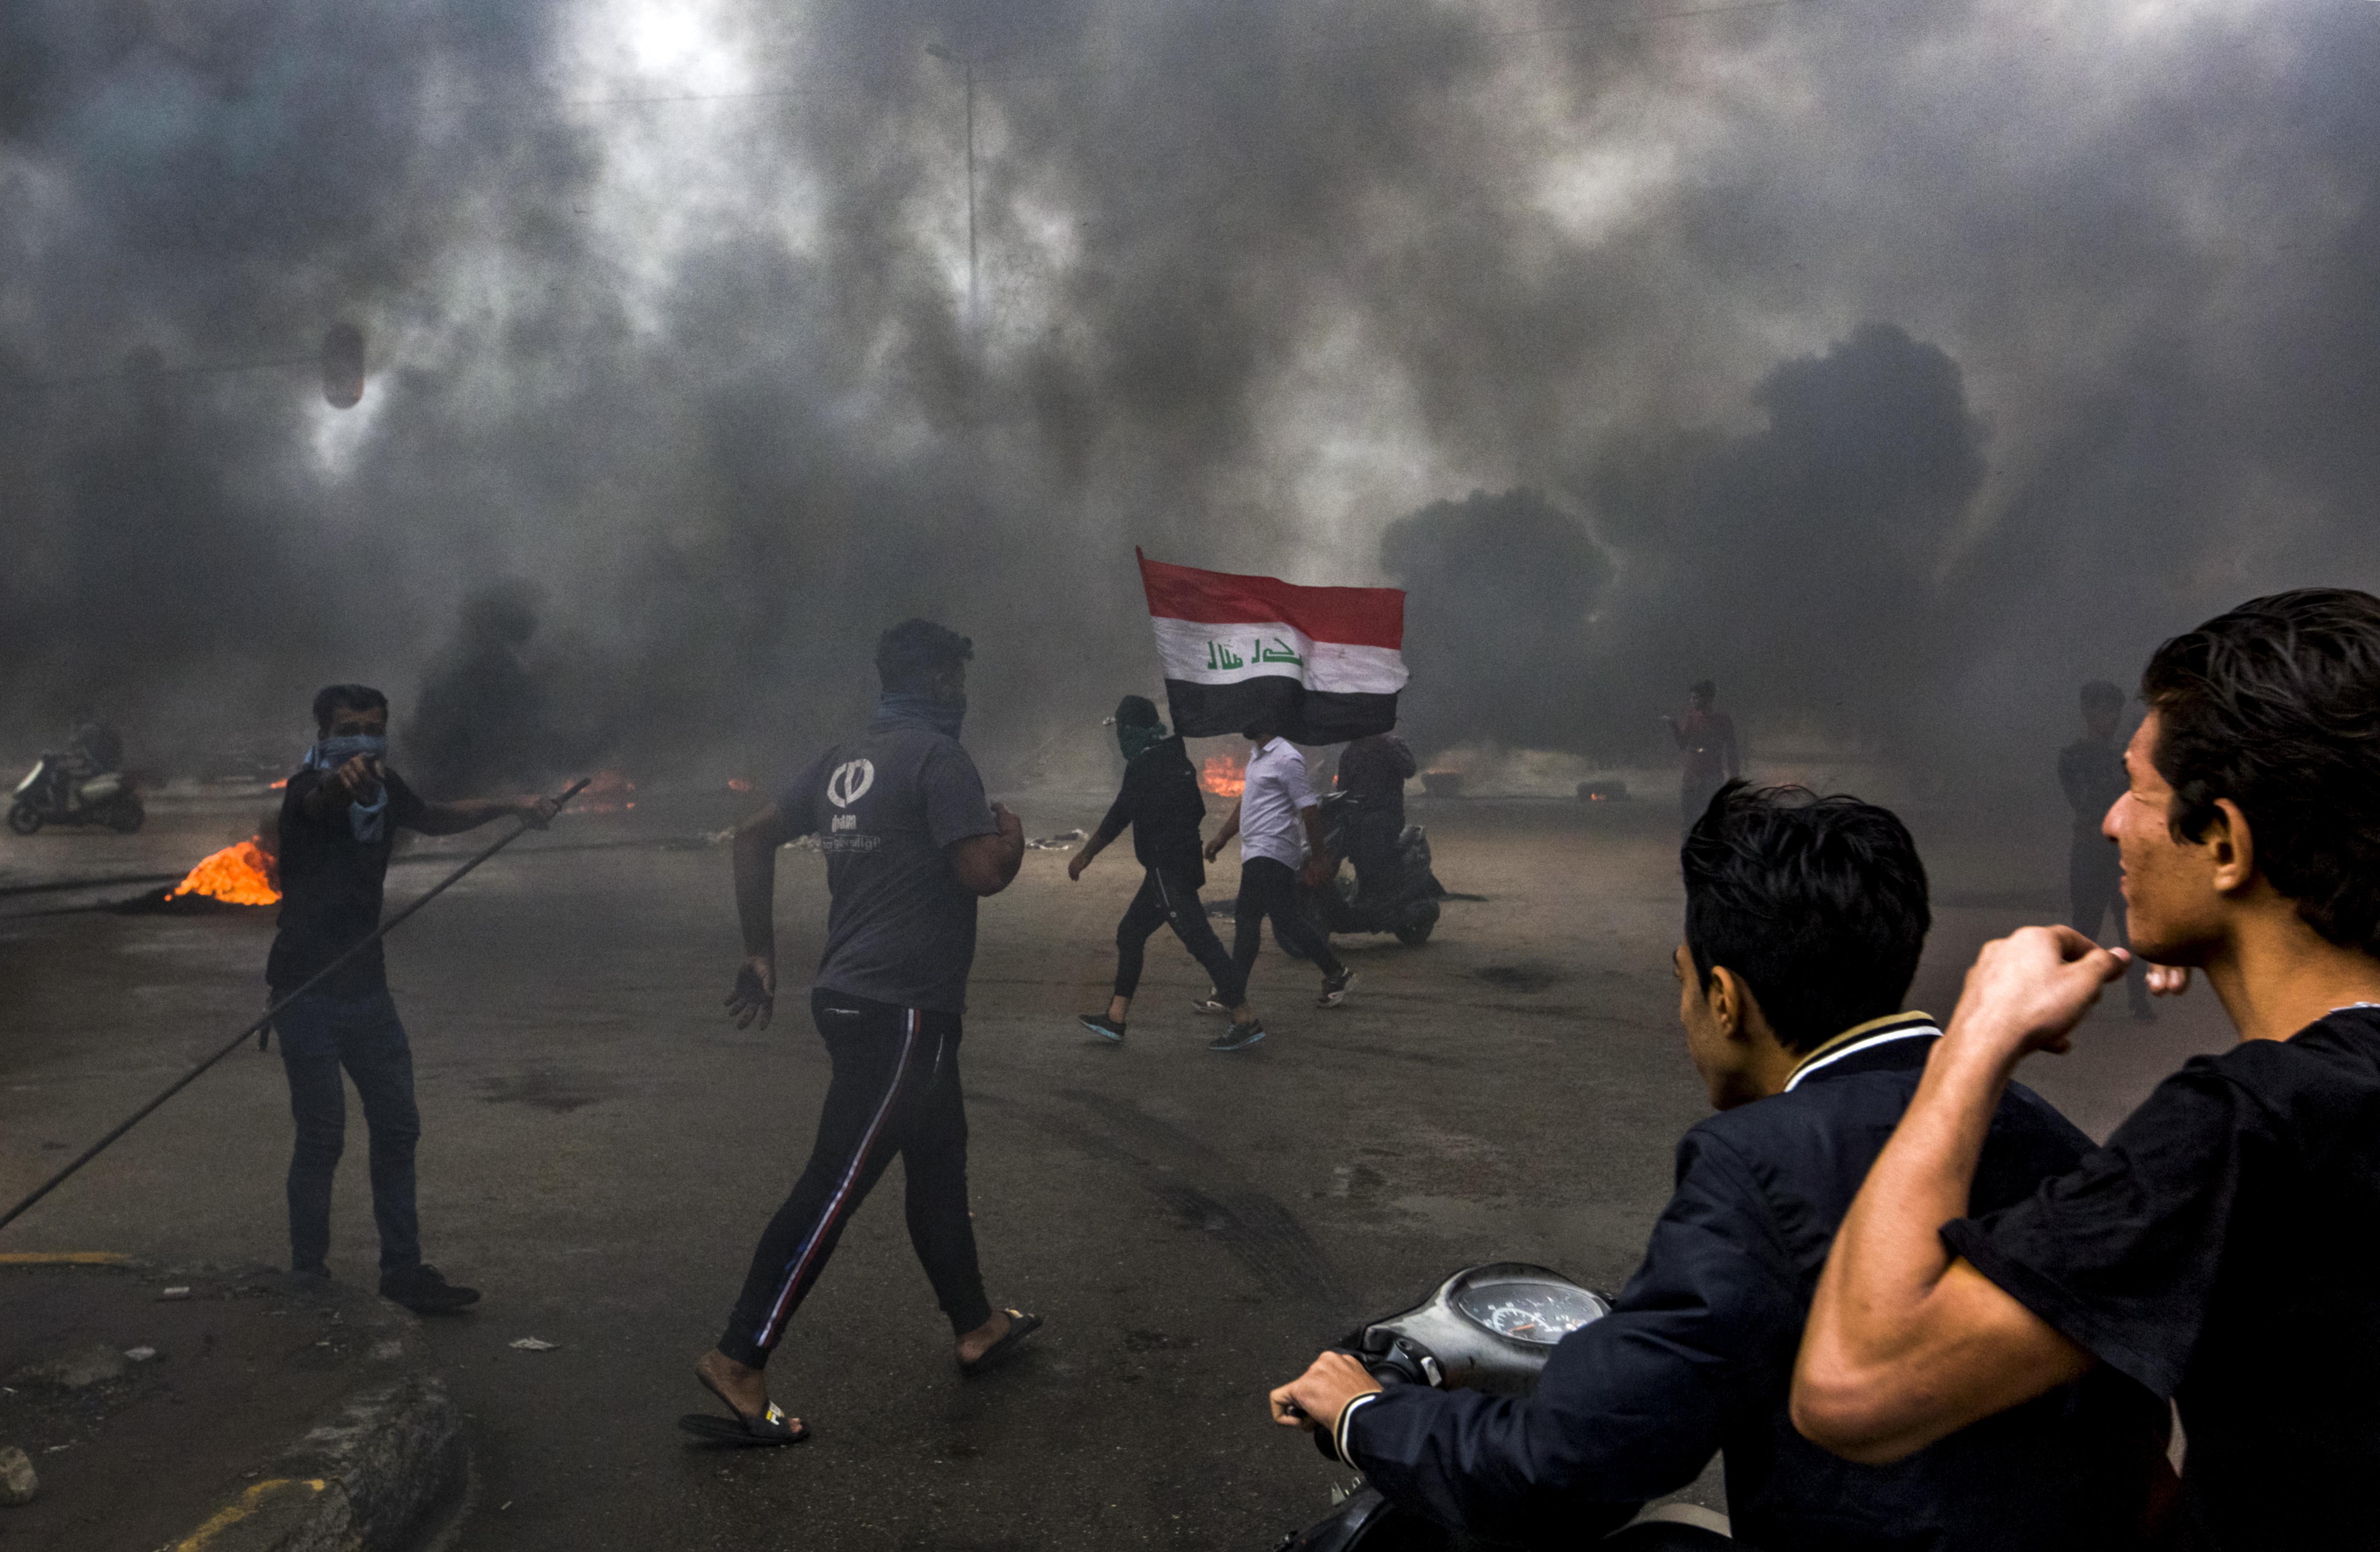 يواجه المحتجون يوميا محاولات القوات الأمنية لصدهم